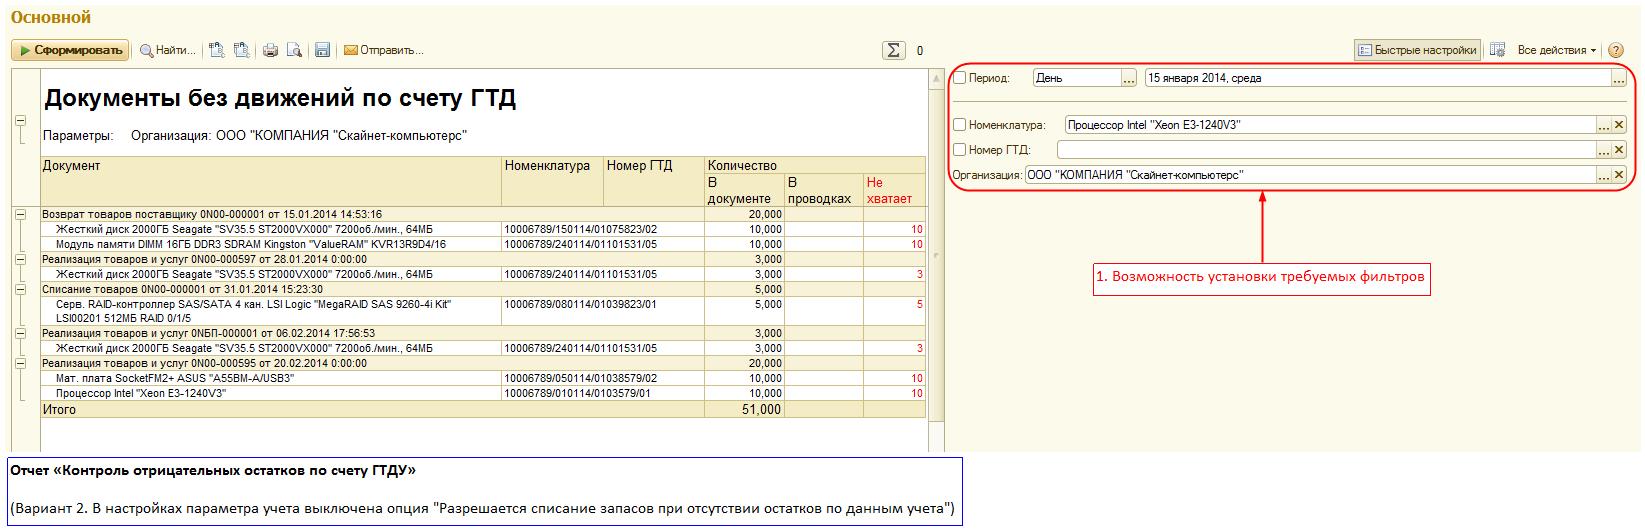 1с схема компоновки данных передать результат отчета